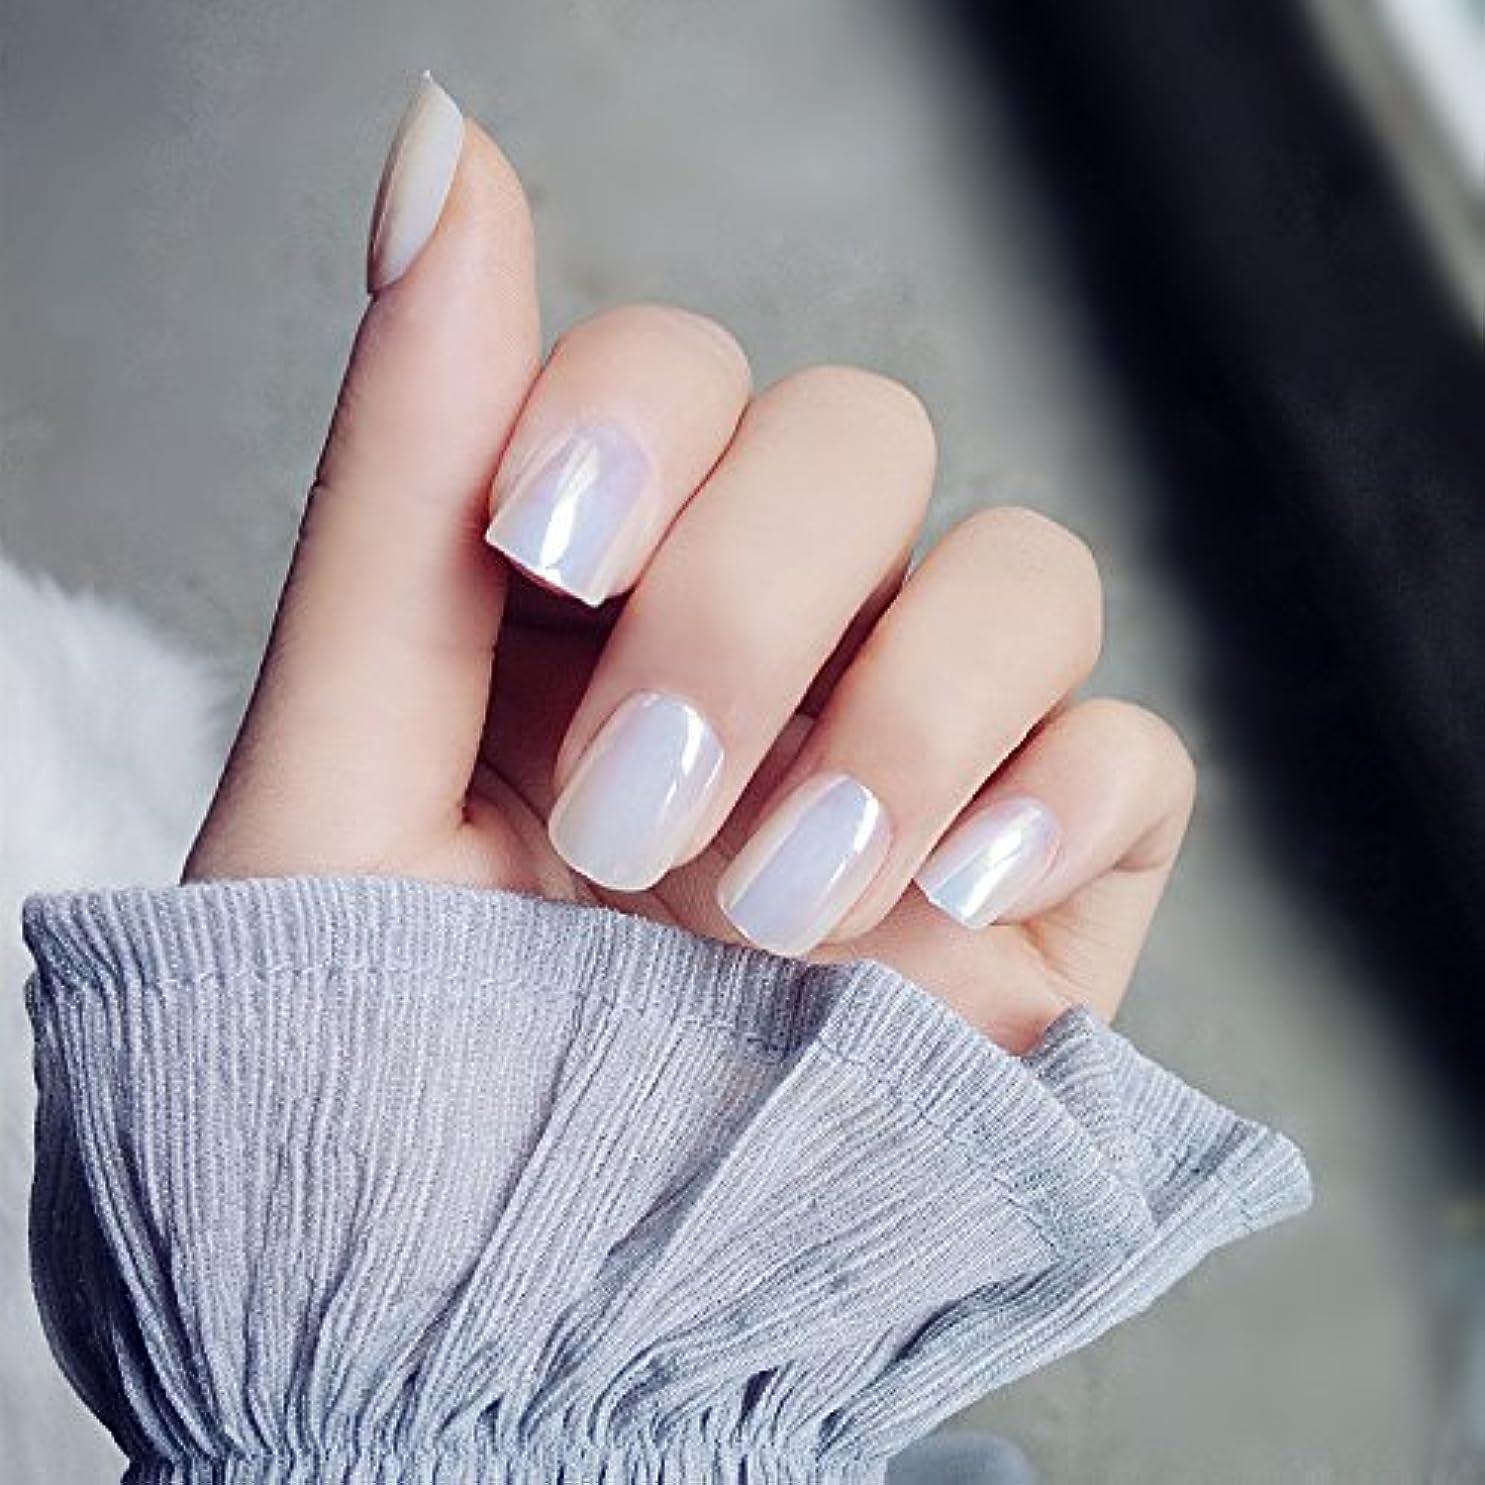 遡るお客様とても多くの超薄型ネイル 手作りネイルチップ 新製品 真珠の光沢 ショート型ネイル つけ爪 24枚組 超薄型ネイル